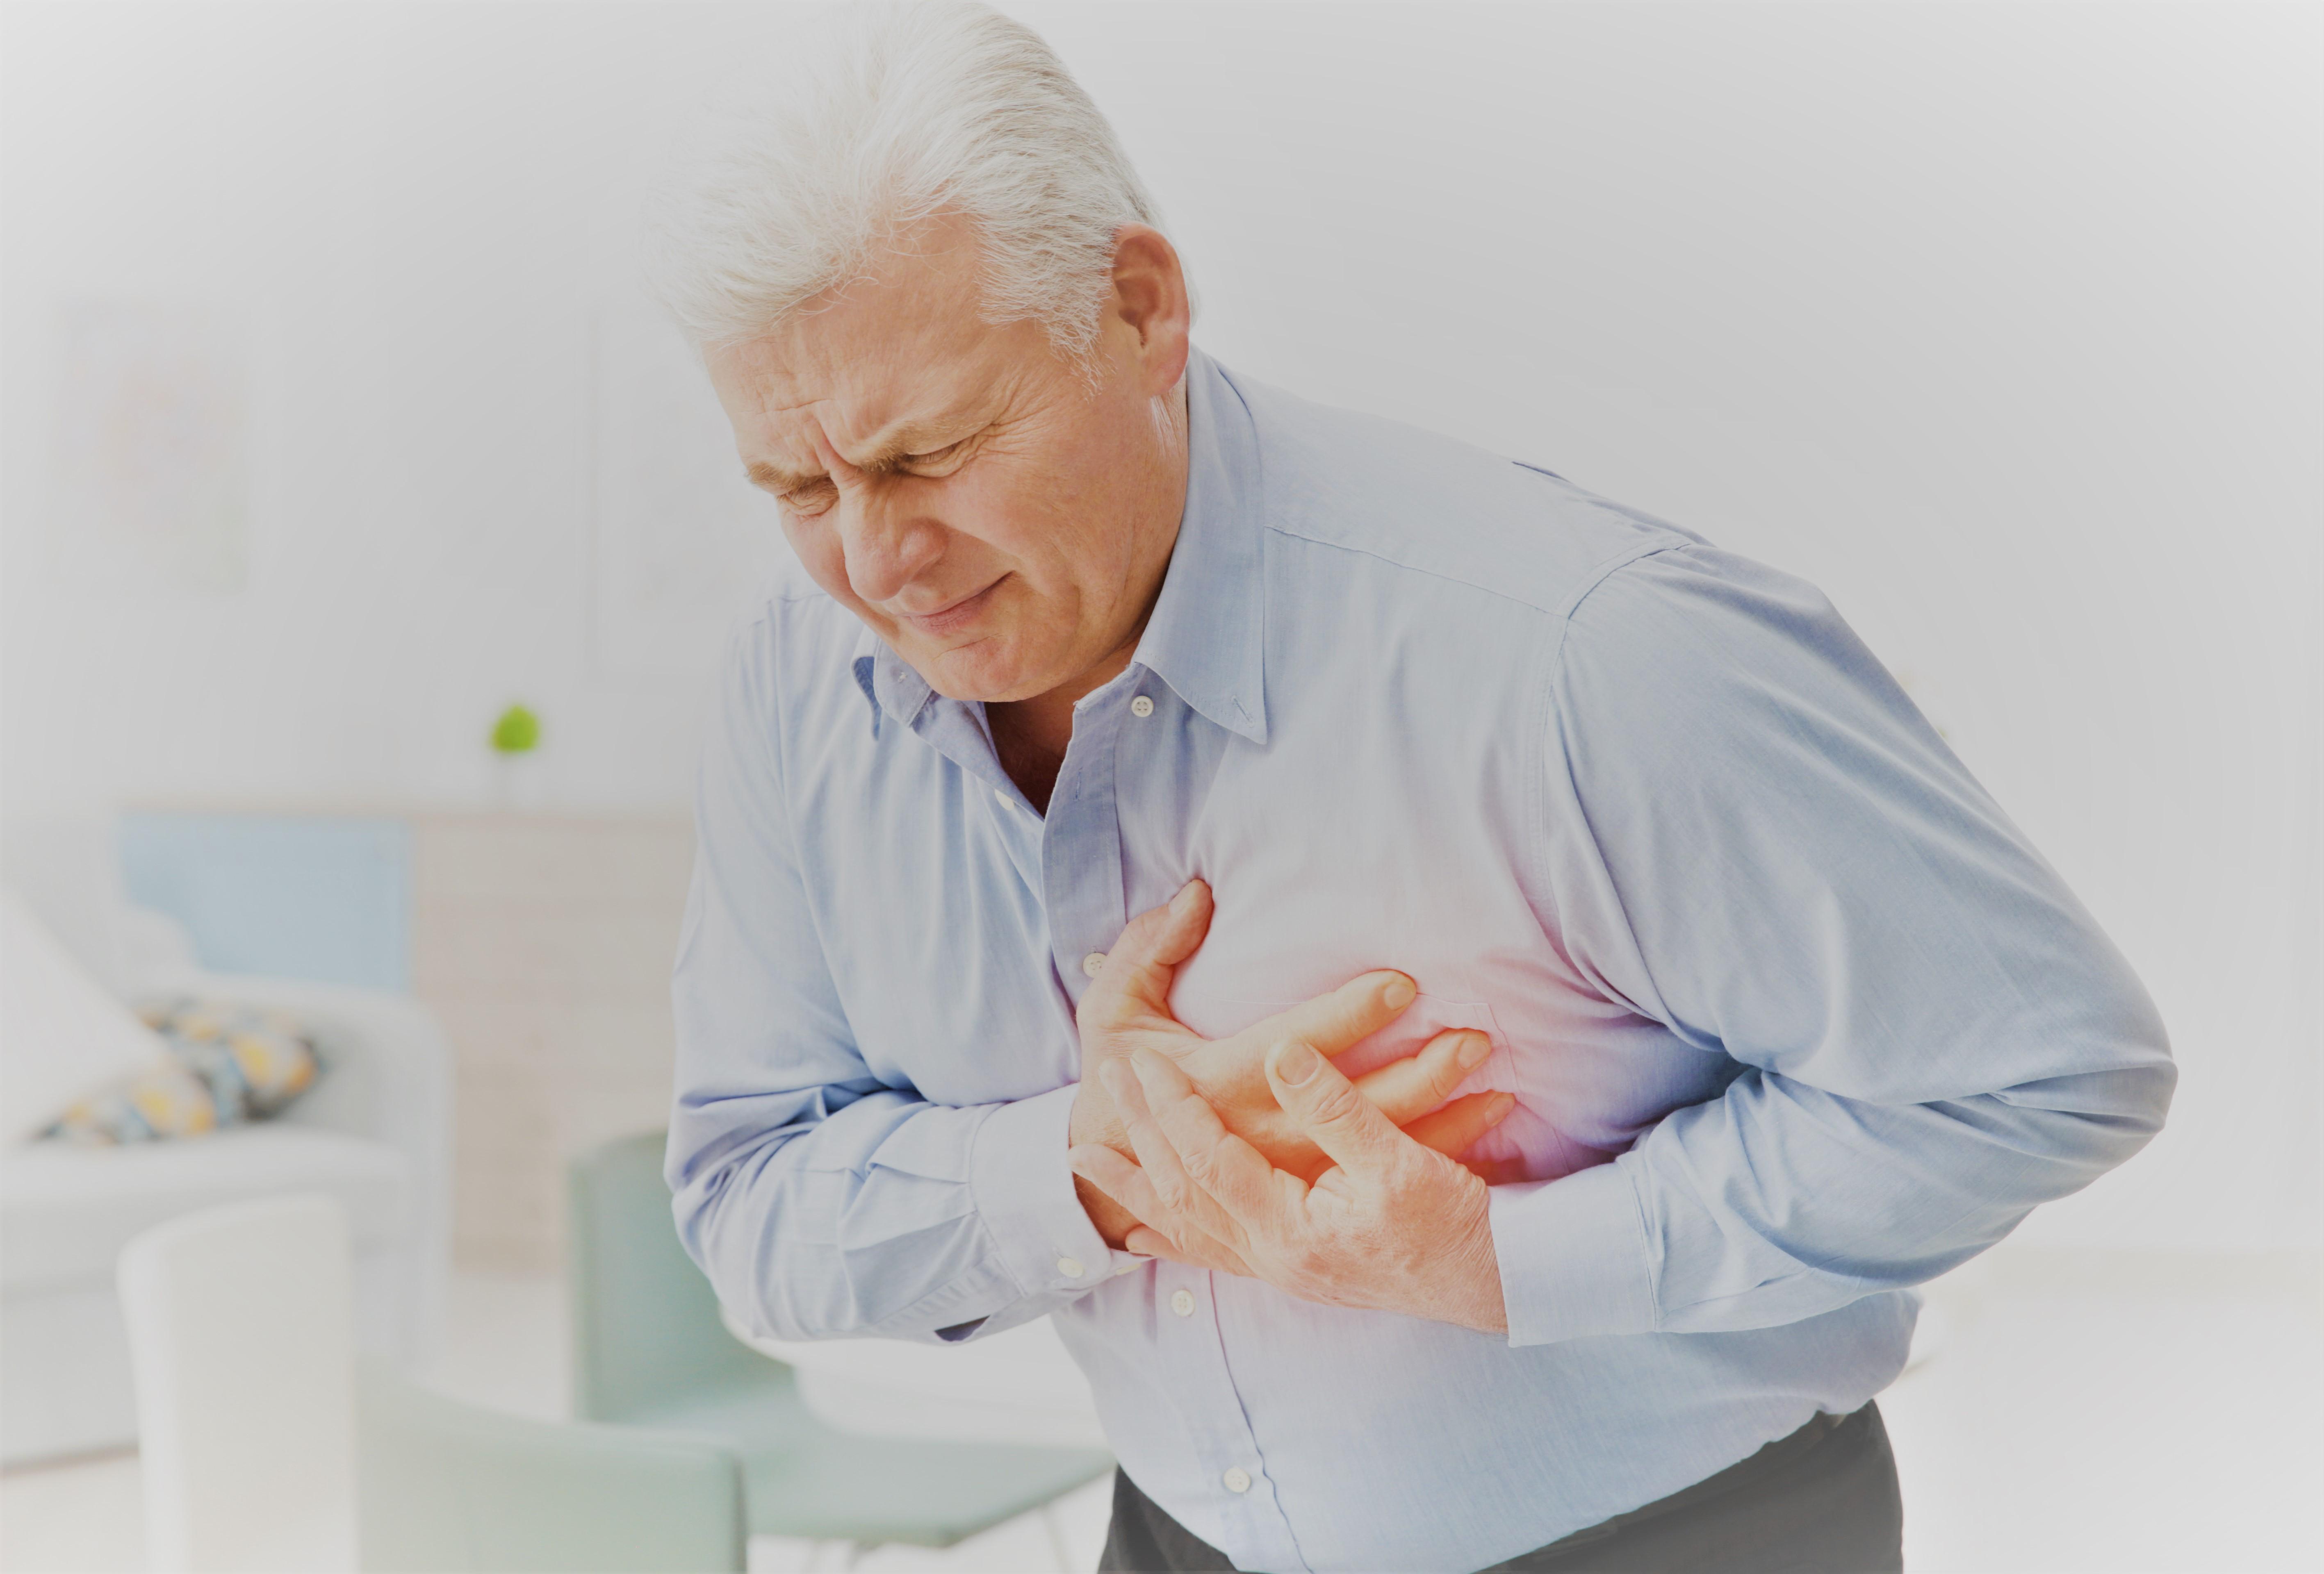 ízületek az egész test fáj, hogyan kell kezelni hogyan lehet kezelni a végtagi ízületi gyulladást